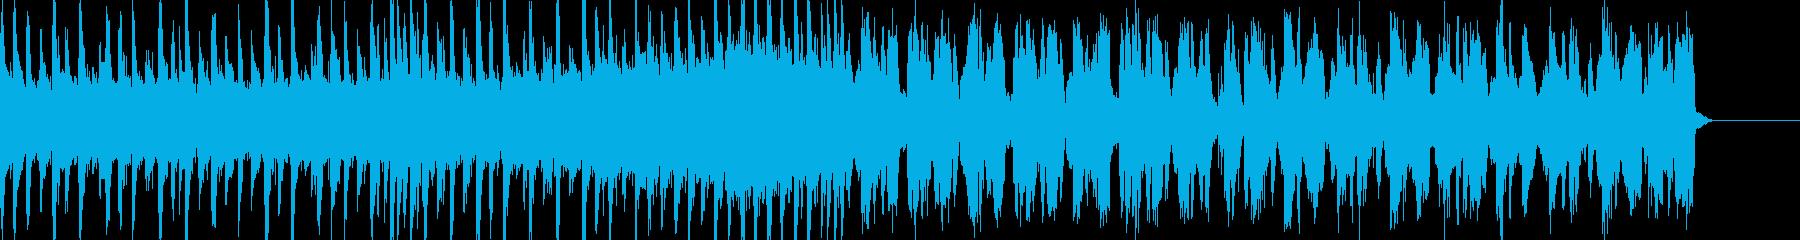 【CM】ワクワクさせるフューチャーベースの再生済みの波形